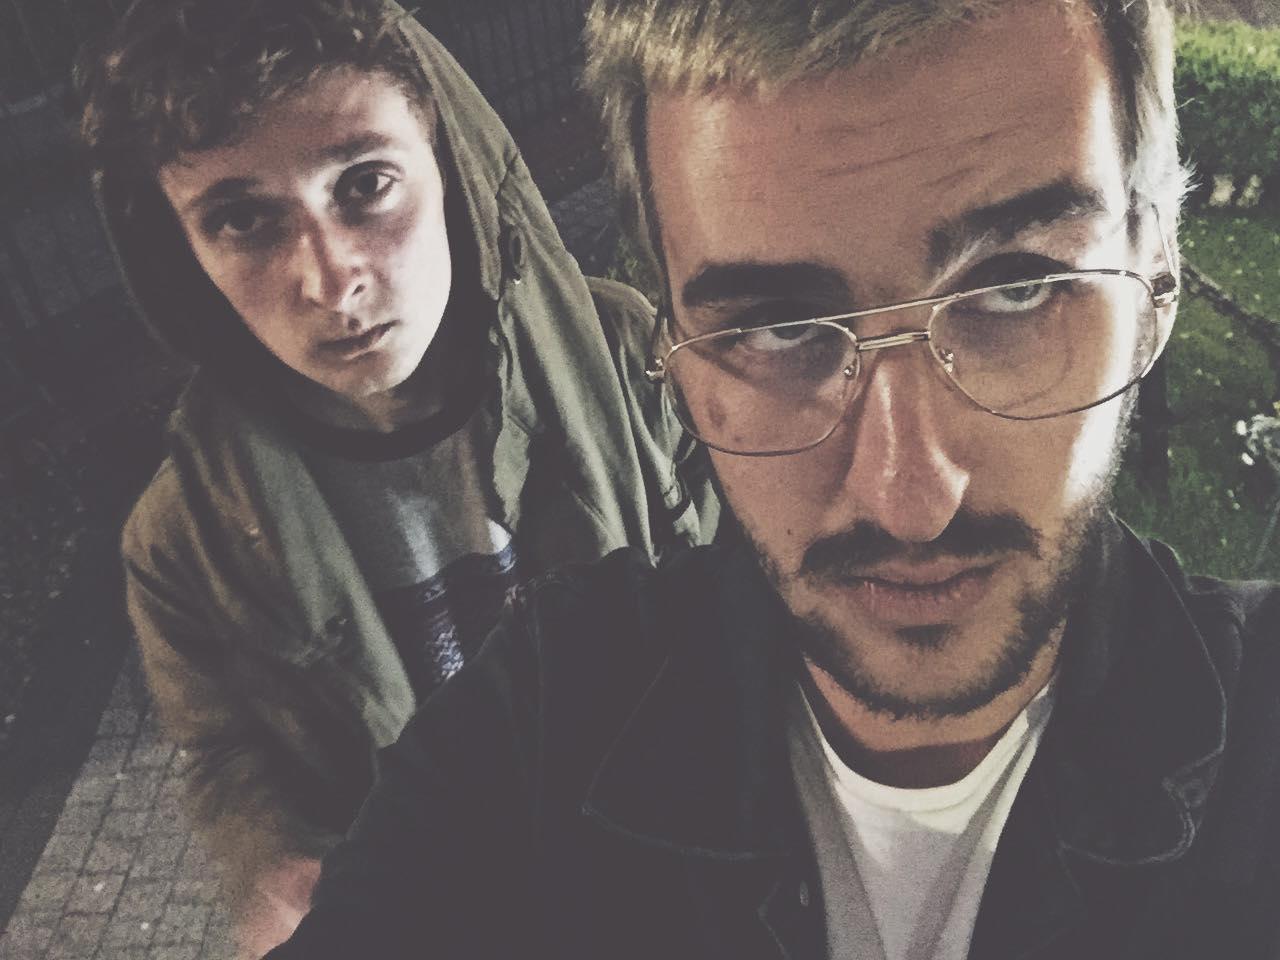 Dwóch mężczyzn stojących jeden za drugim, z któych jeden ma okulary, a drugi jest w kapturze